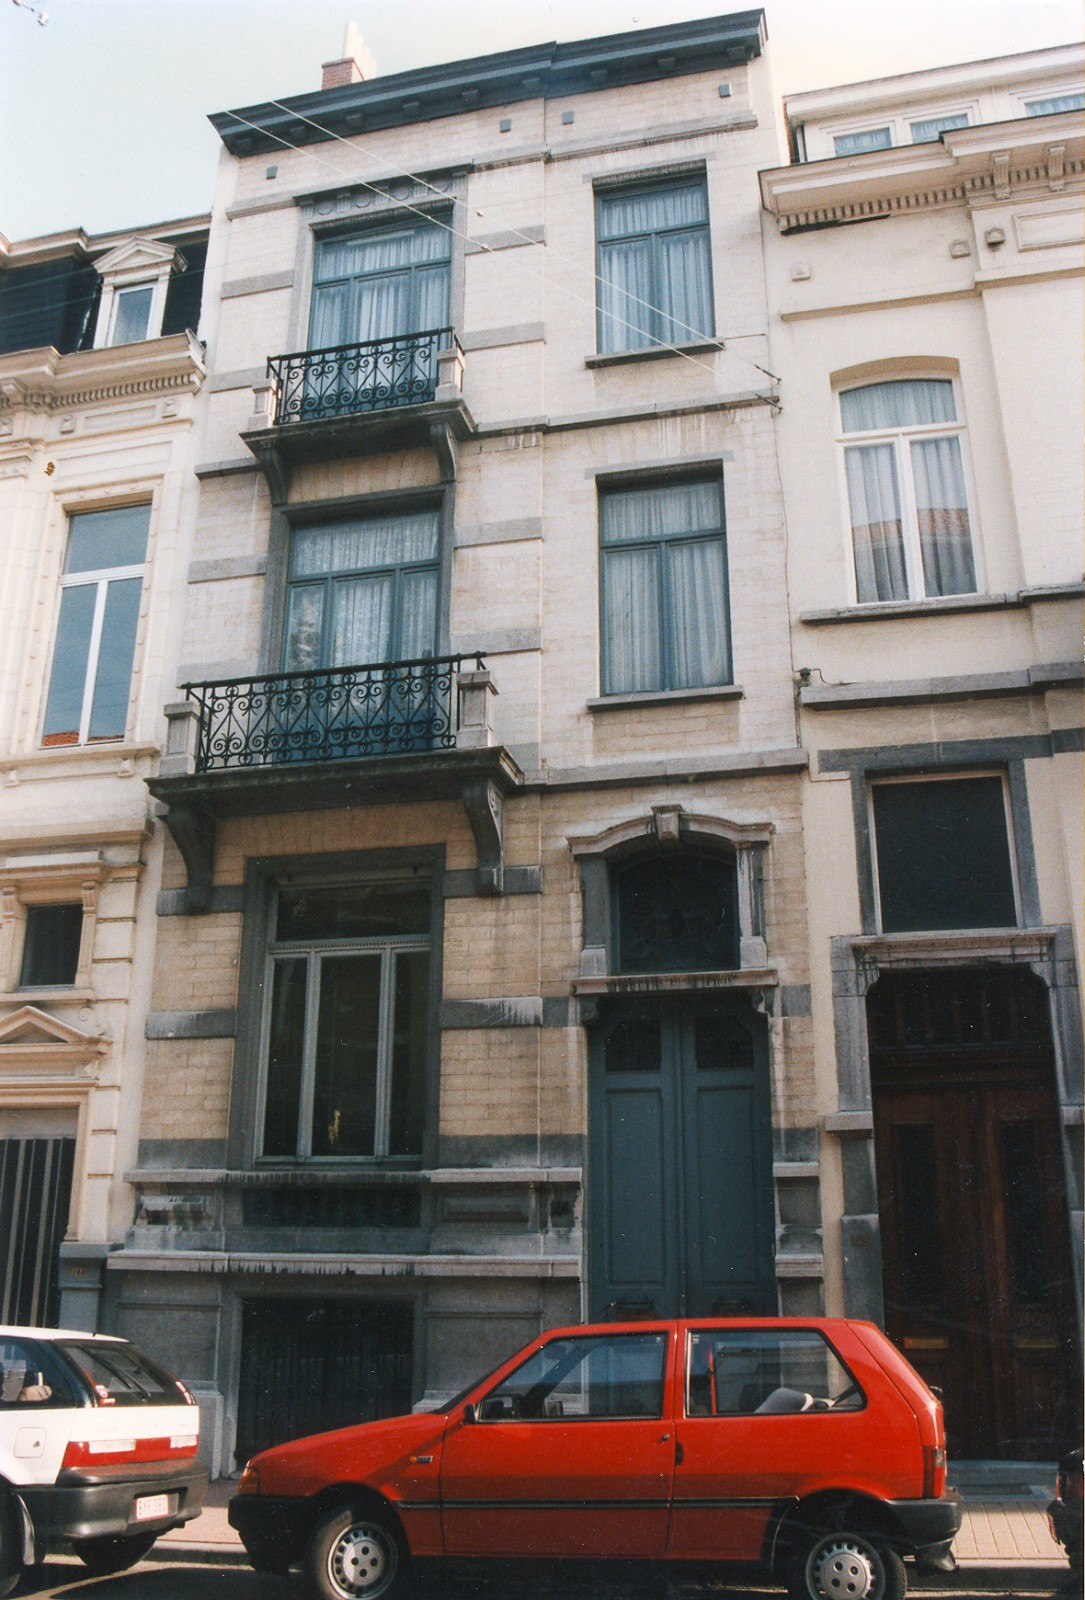 Rue Saint-Bernard 146., 1995